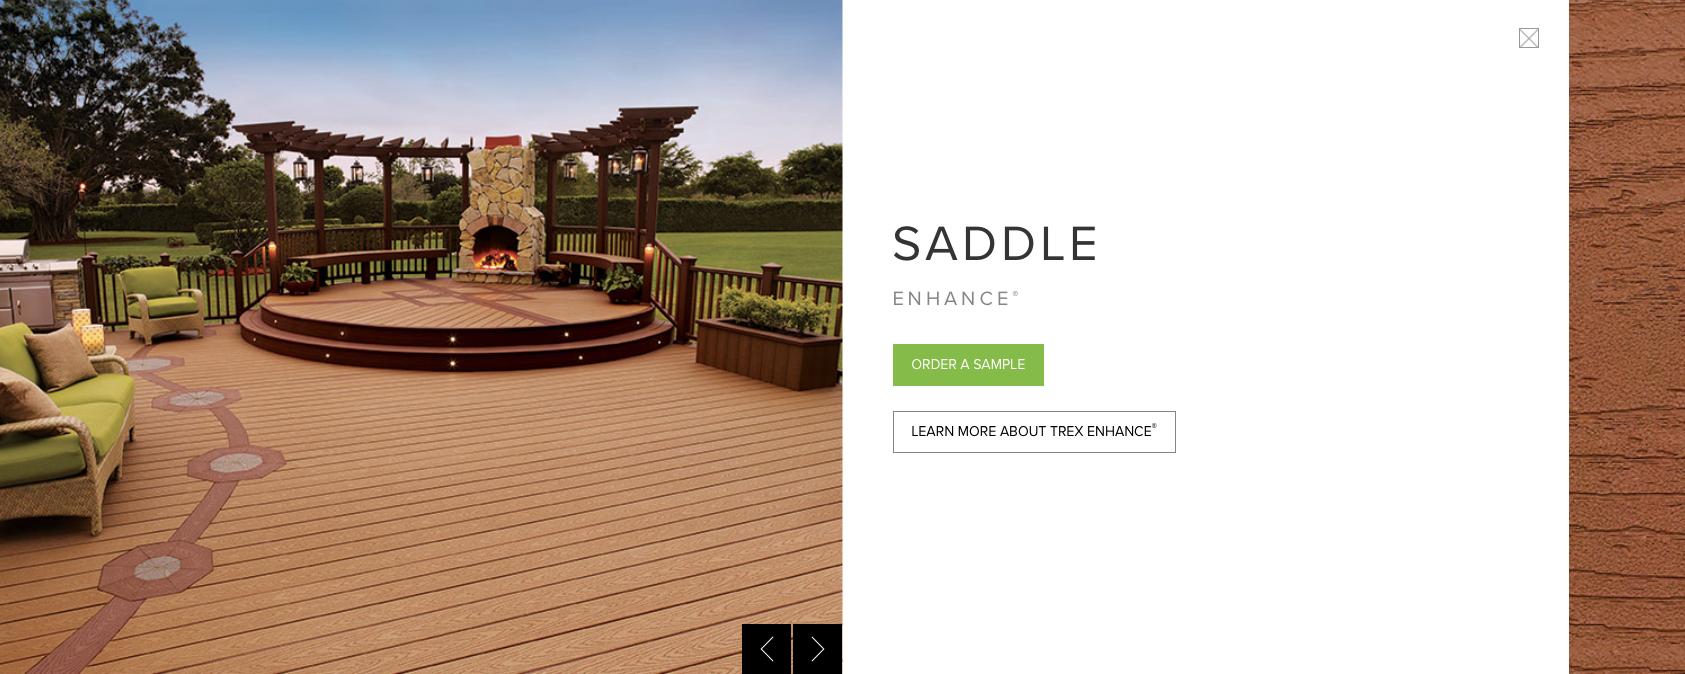 Trex Enhance Saddle